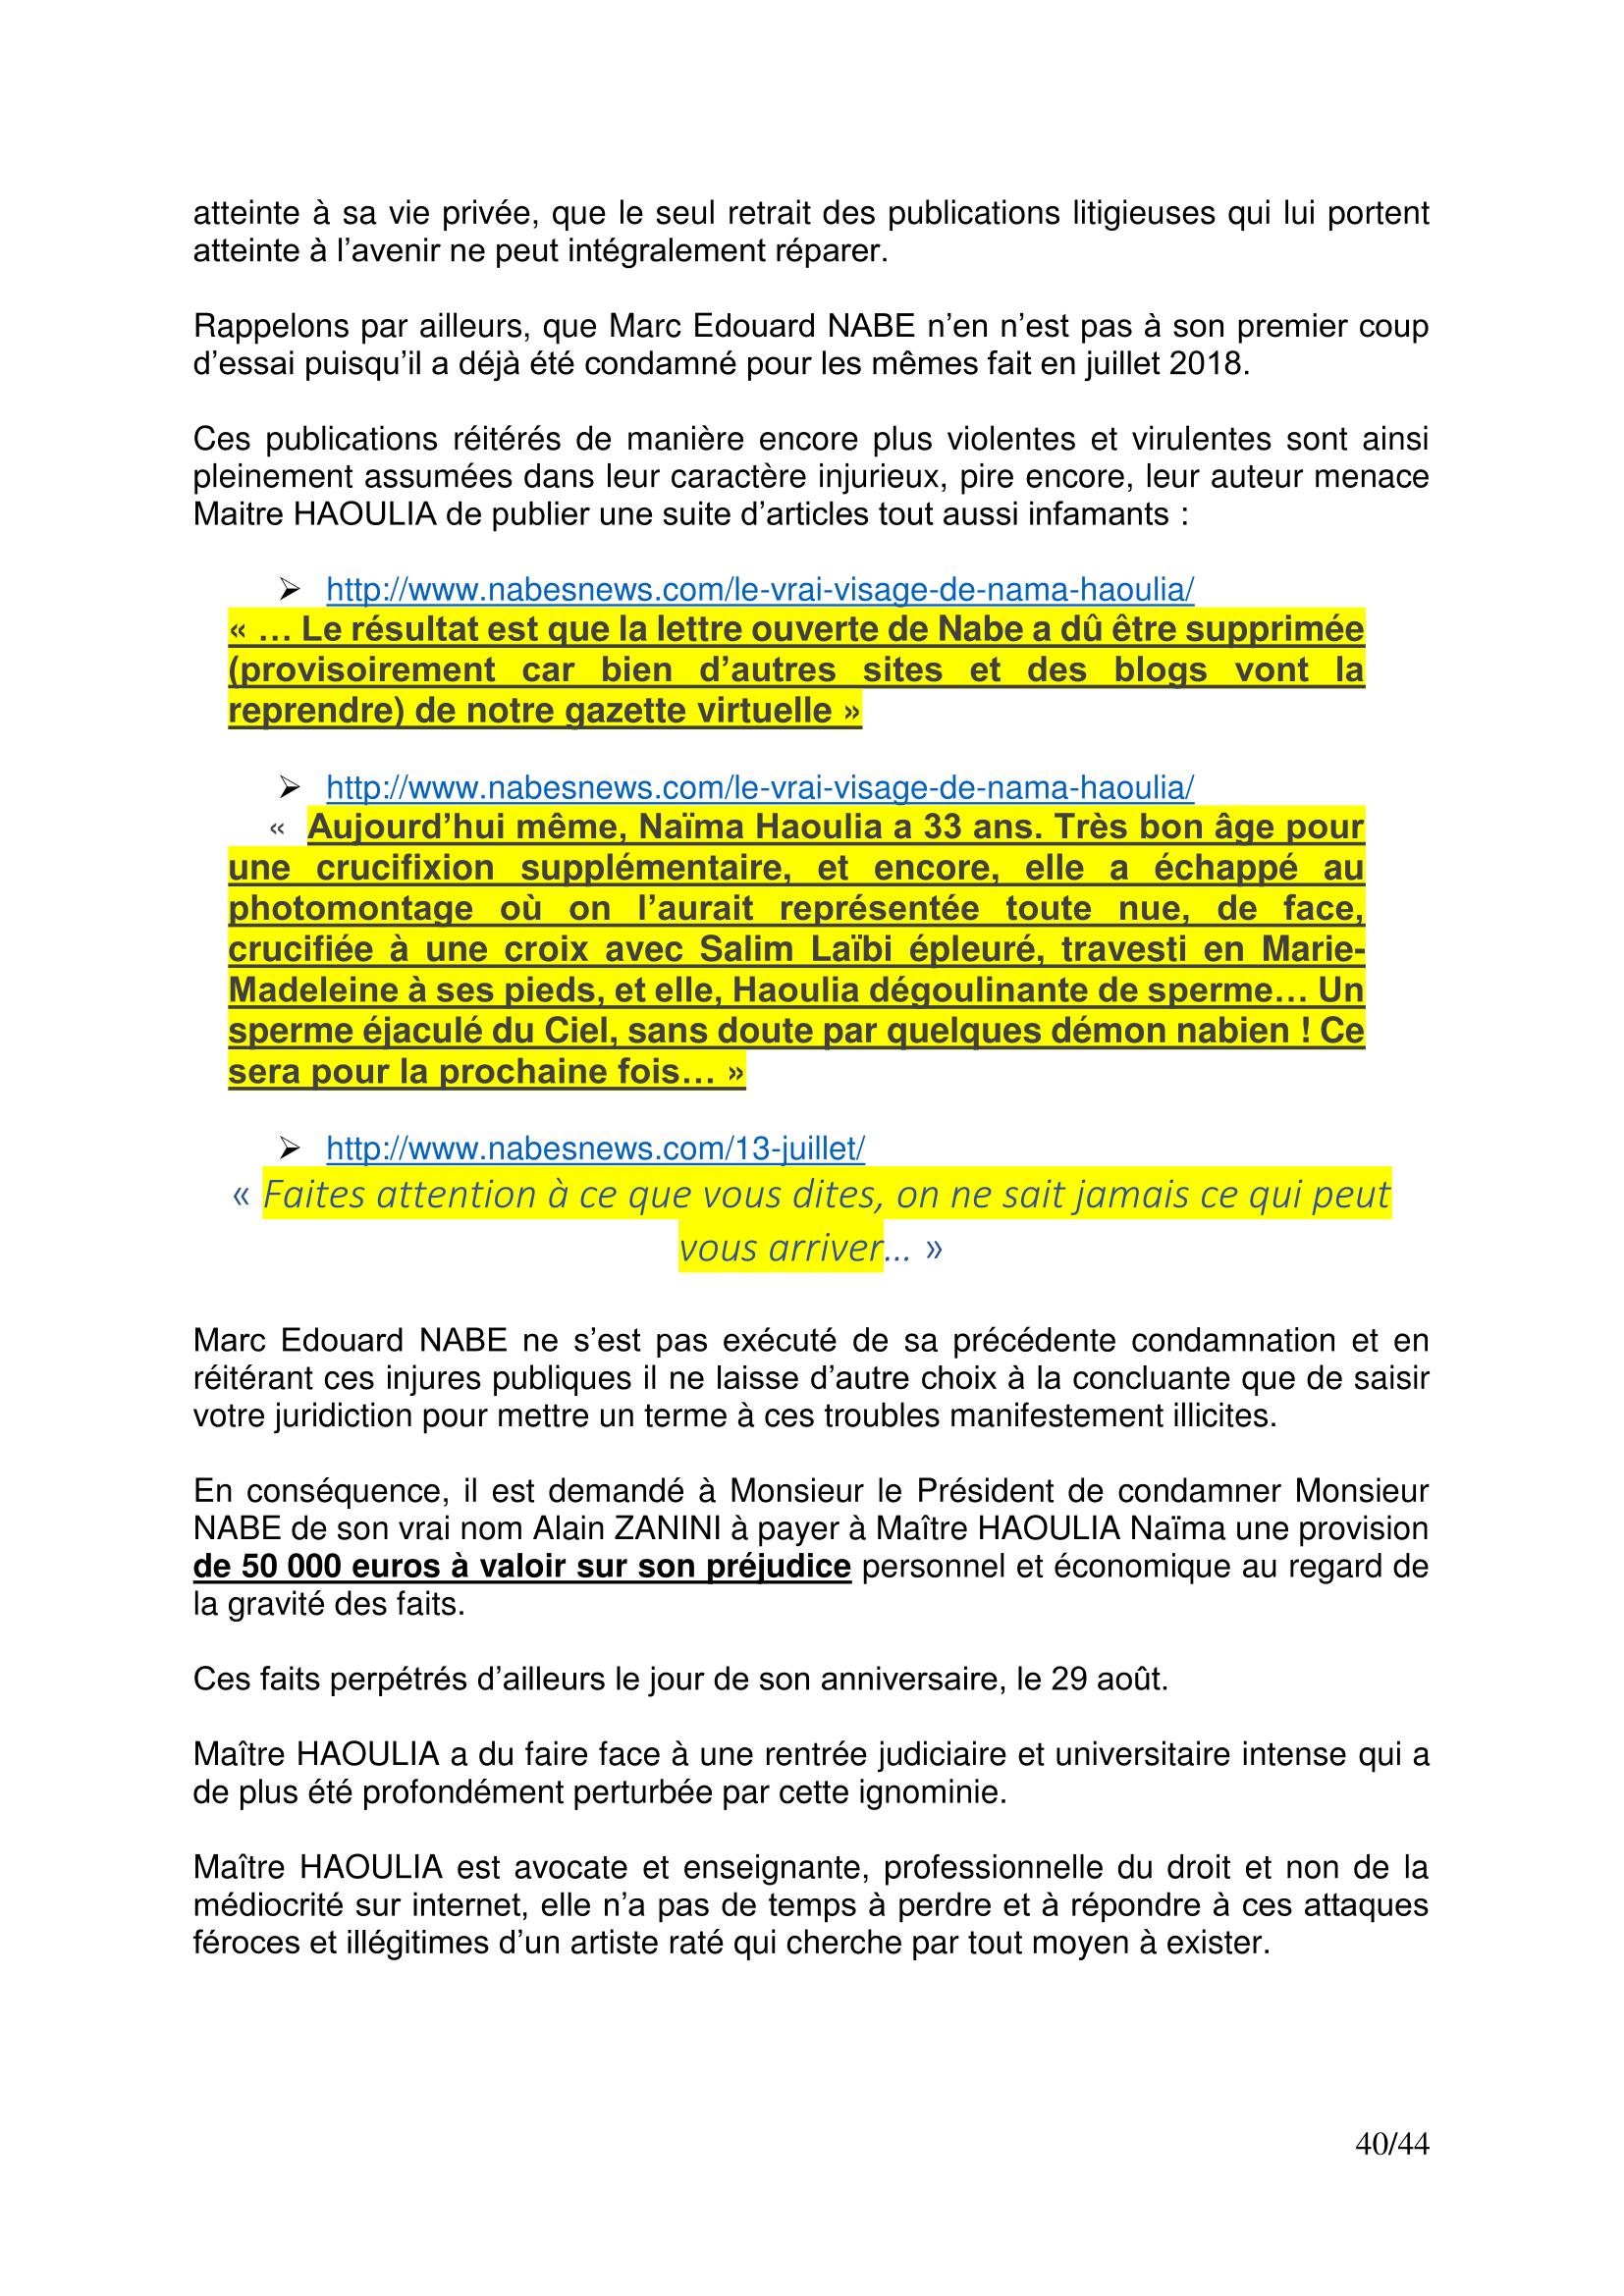 Haoulia Fait Ecrire L Assignation De Fabrice Giletta Par Salim Laibi